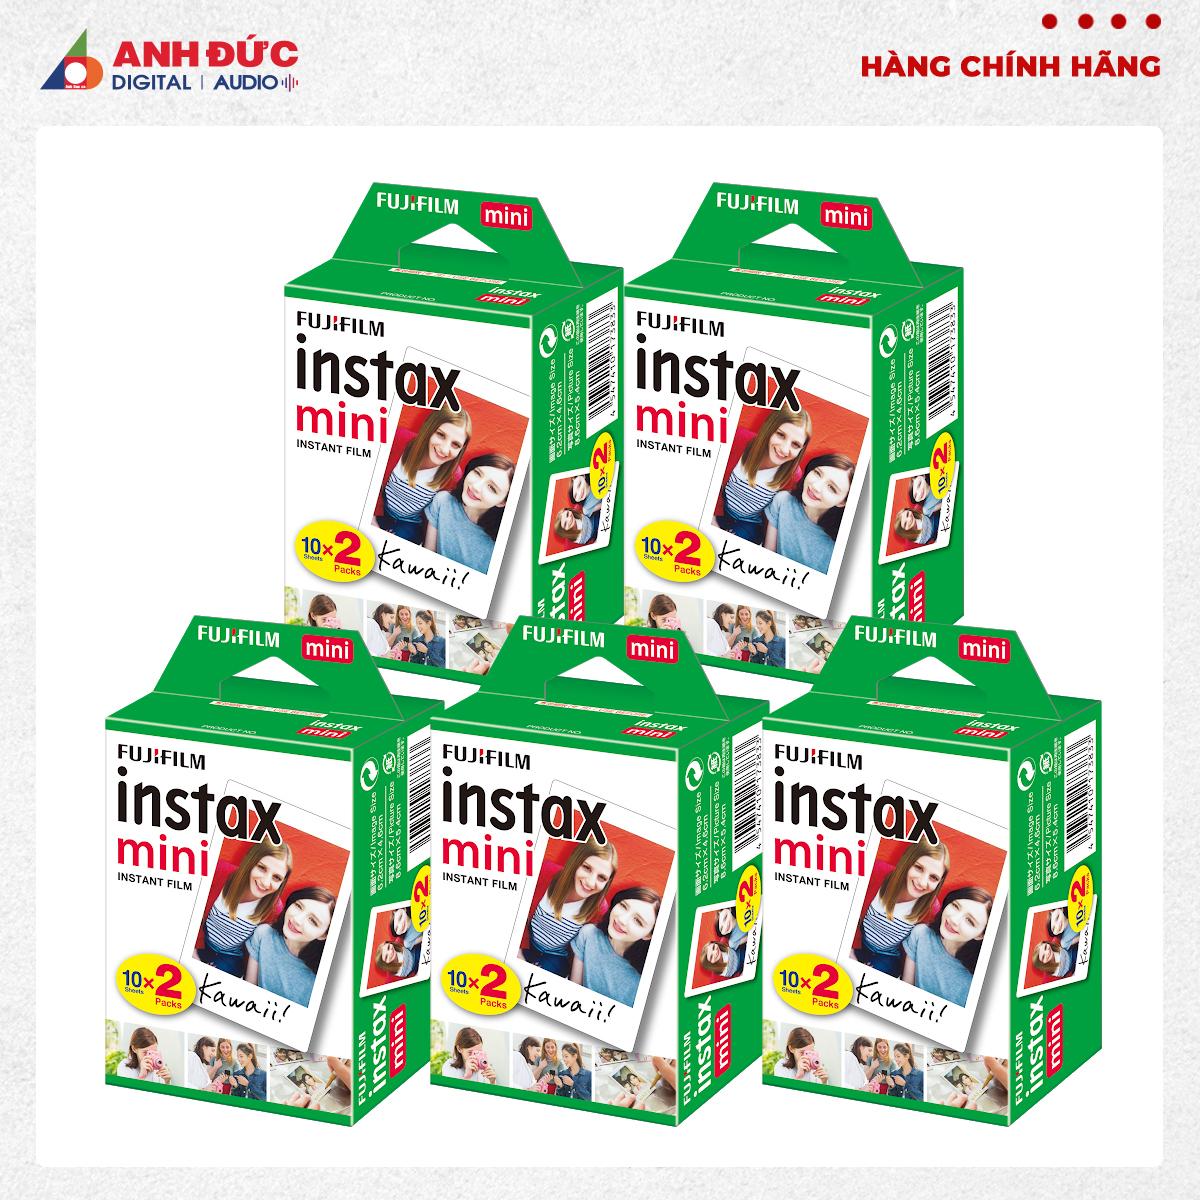 Chương Trình Ưu Đãi cho Combo 5 Hộp Film Chụp Hình Lấy Ngay Fujifilm Instax Mini 10X2/PK (100 Tờ)